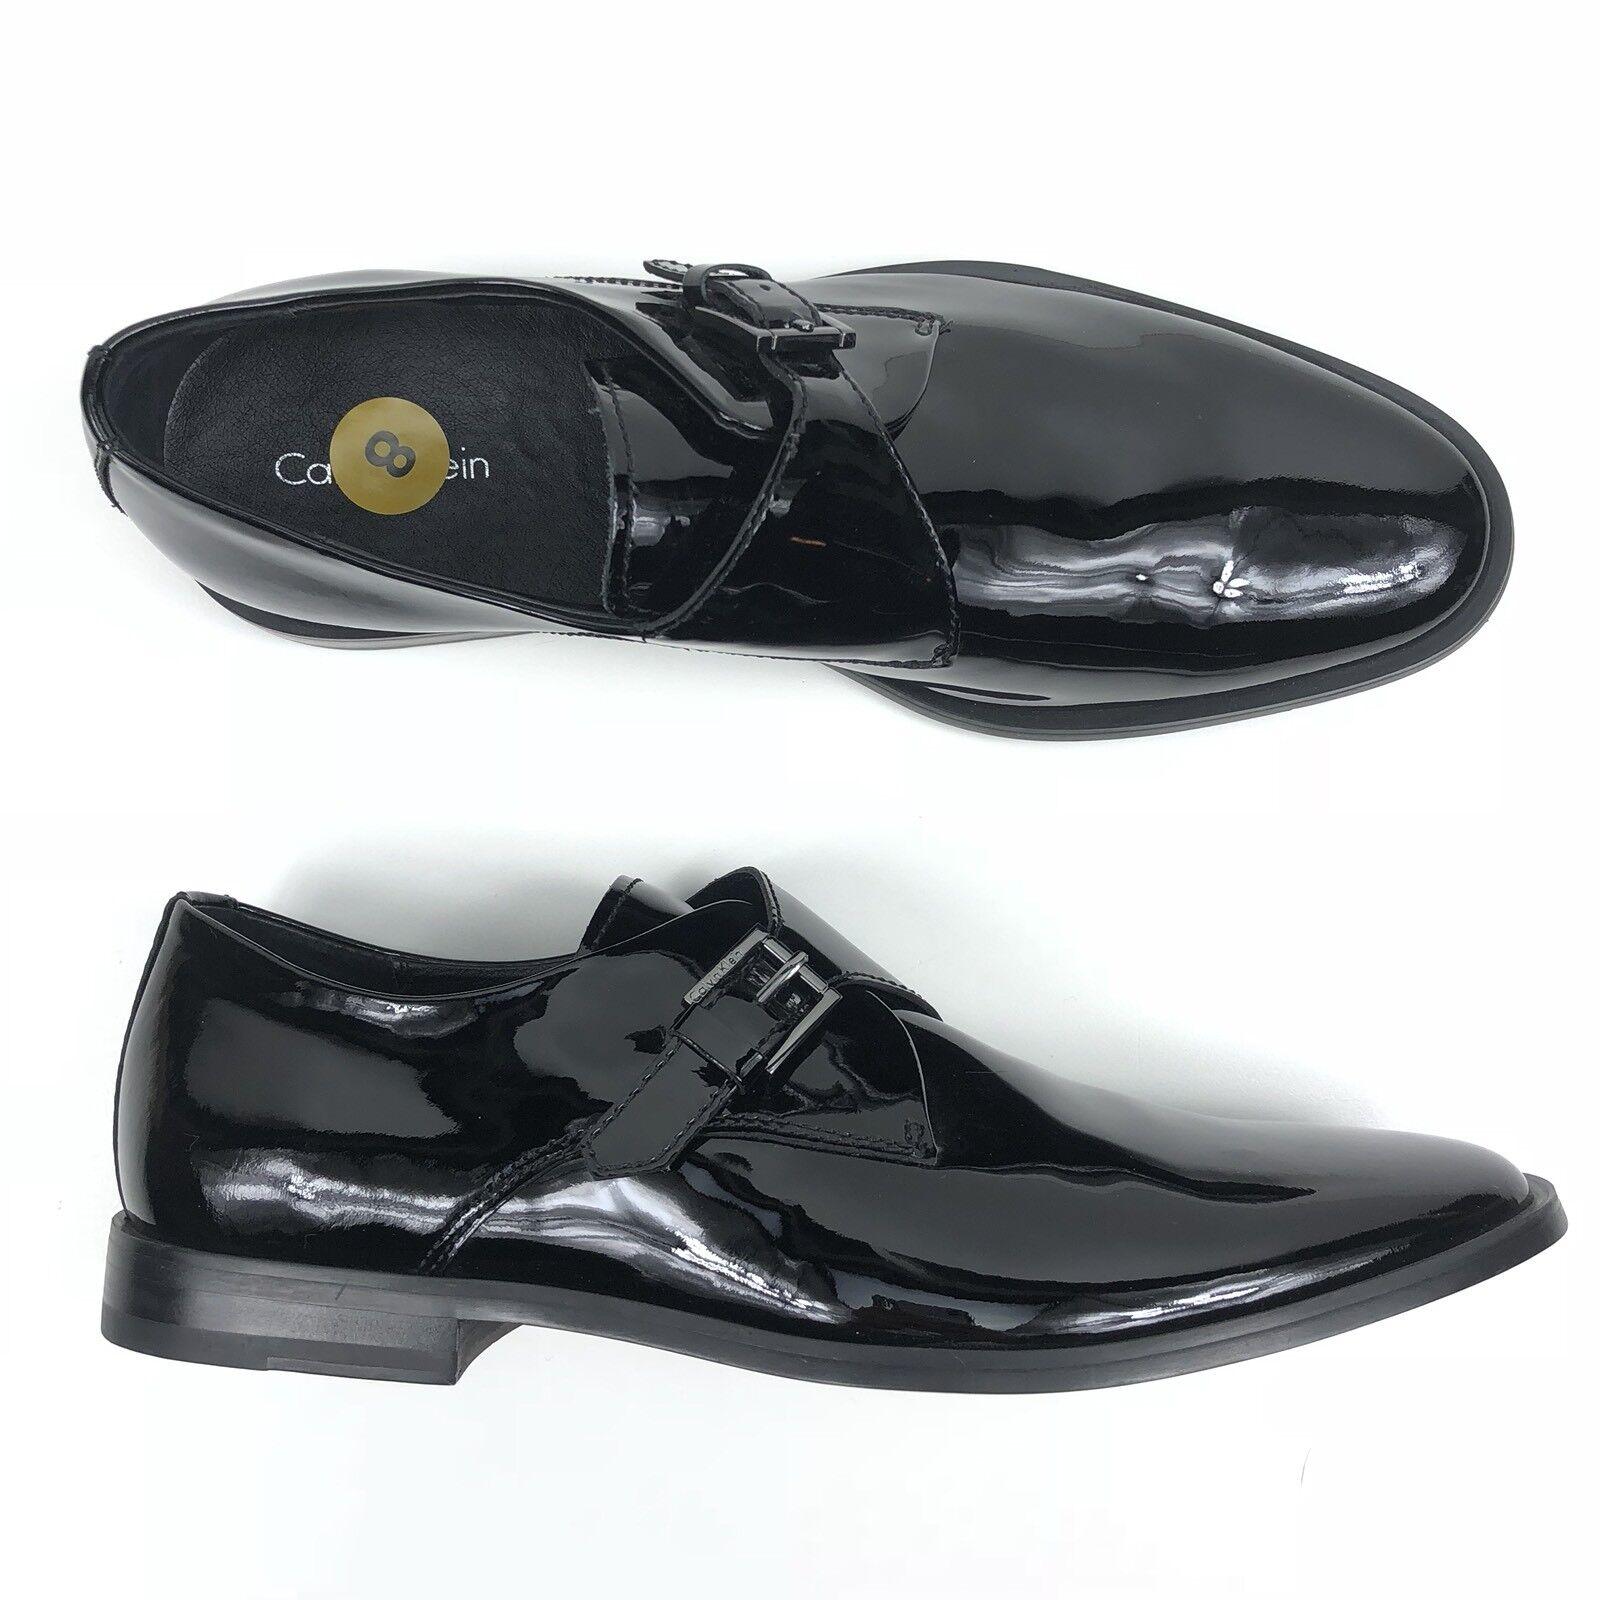 746ddbf3142 Calvin Klein Dress Shoe Patent Patent Patent Leather Black Men Sz 8 Buckle  Norm Tuxedo Oxford